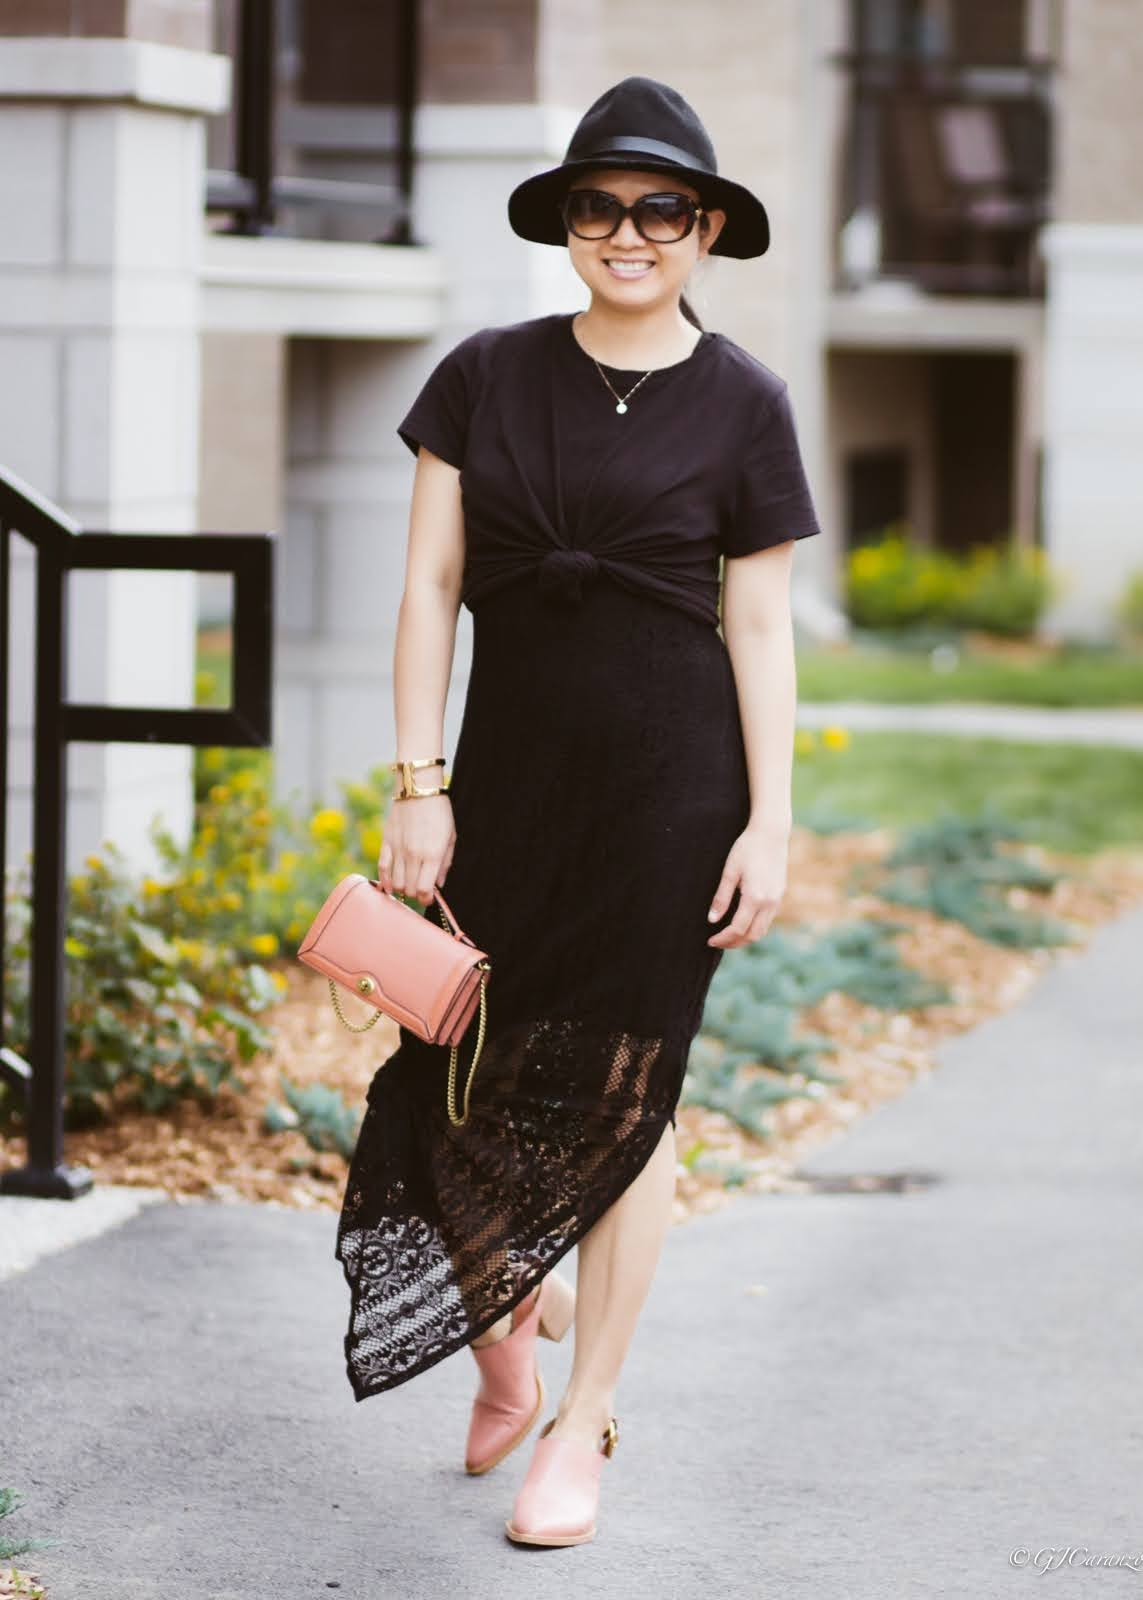 black lace maxi dress_coach block heel slingback shoes_coach chain clutch_hm black felt hat_black tee outfit idea   petite summer